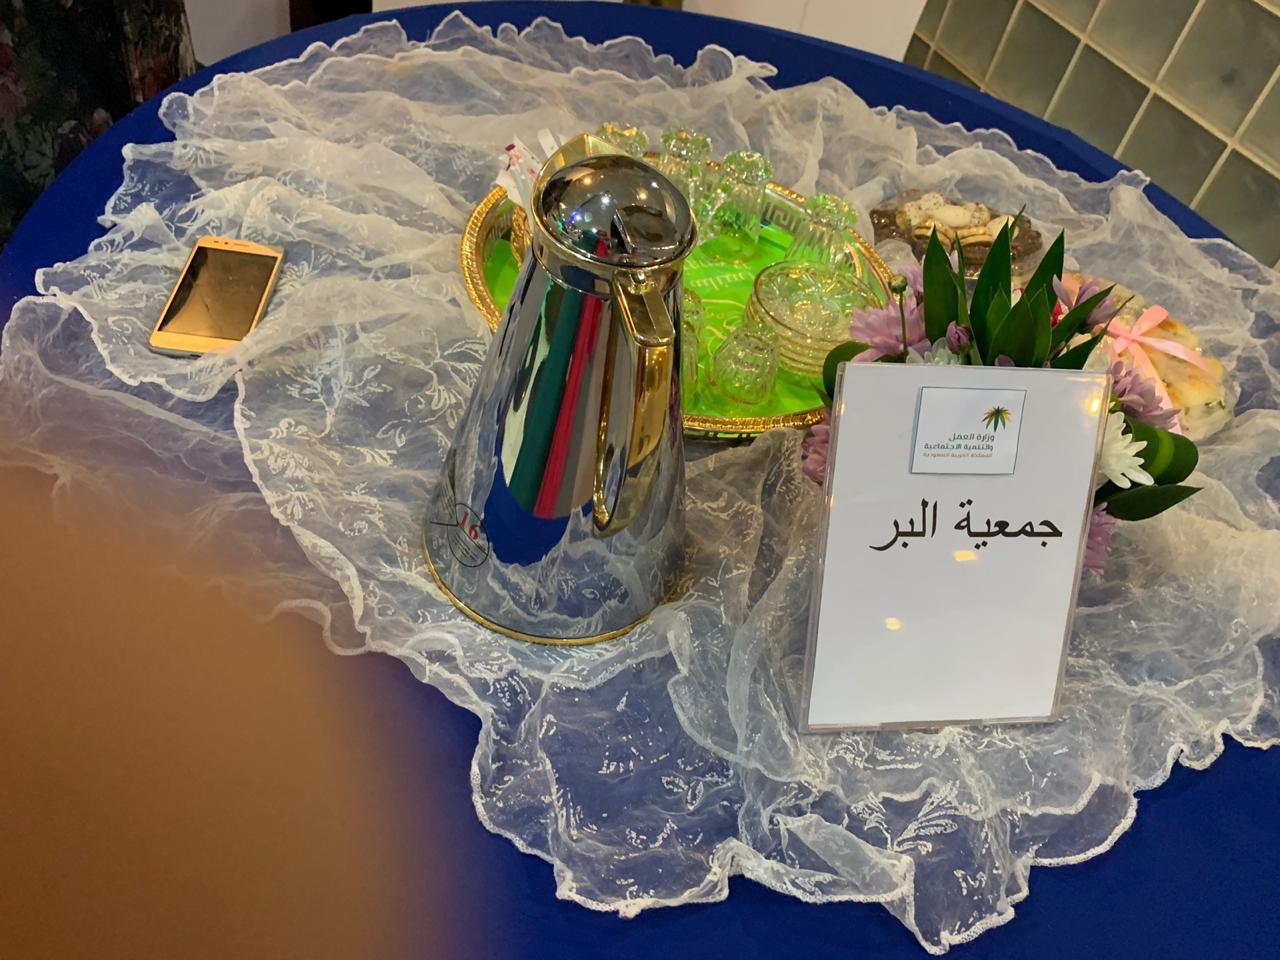 دار الحضانة الاجتماعية بجدة تقيم حفل يوم اليتيم العربي